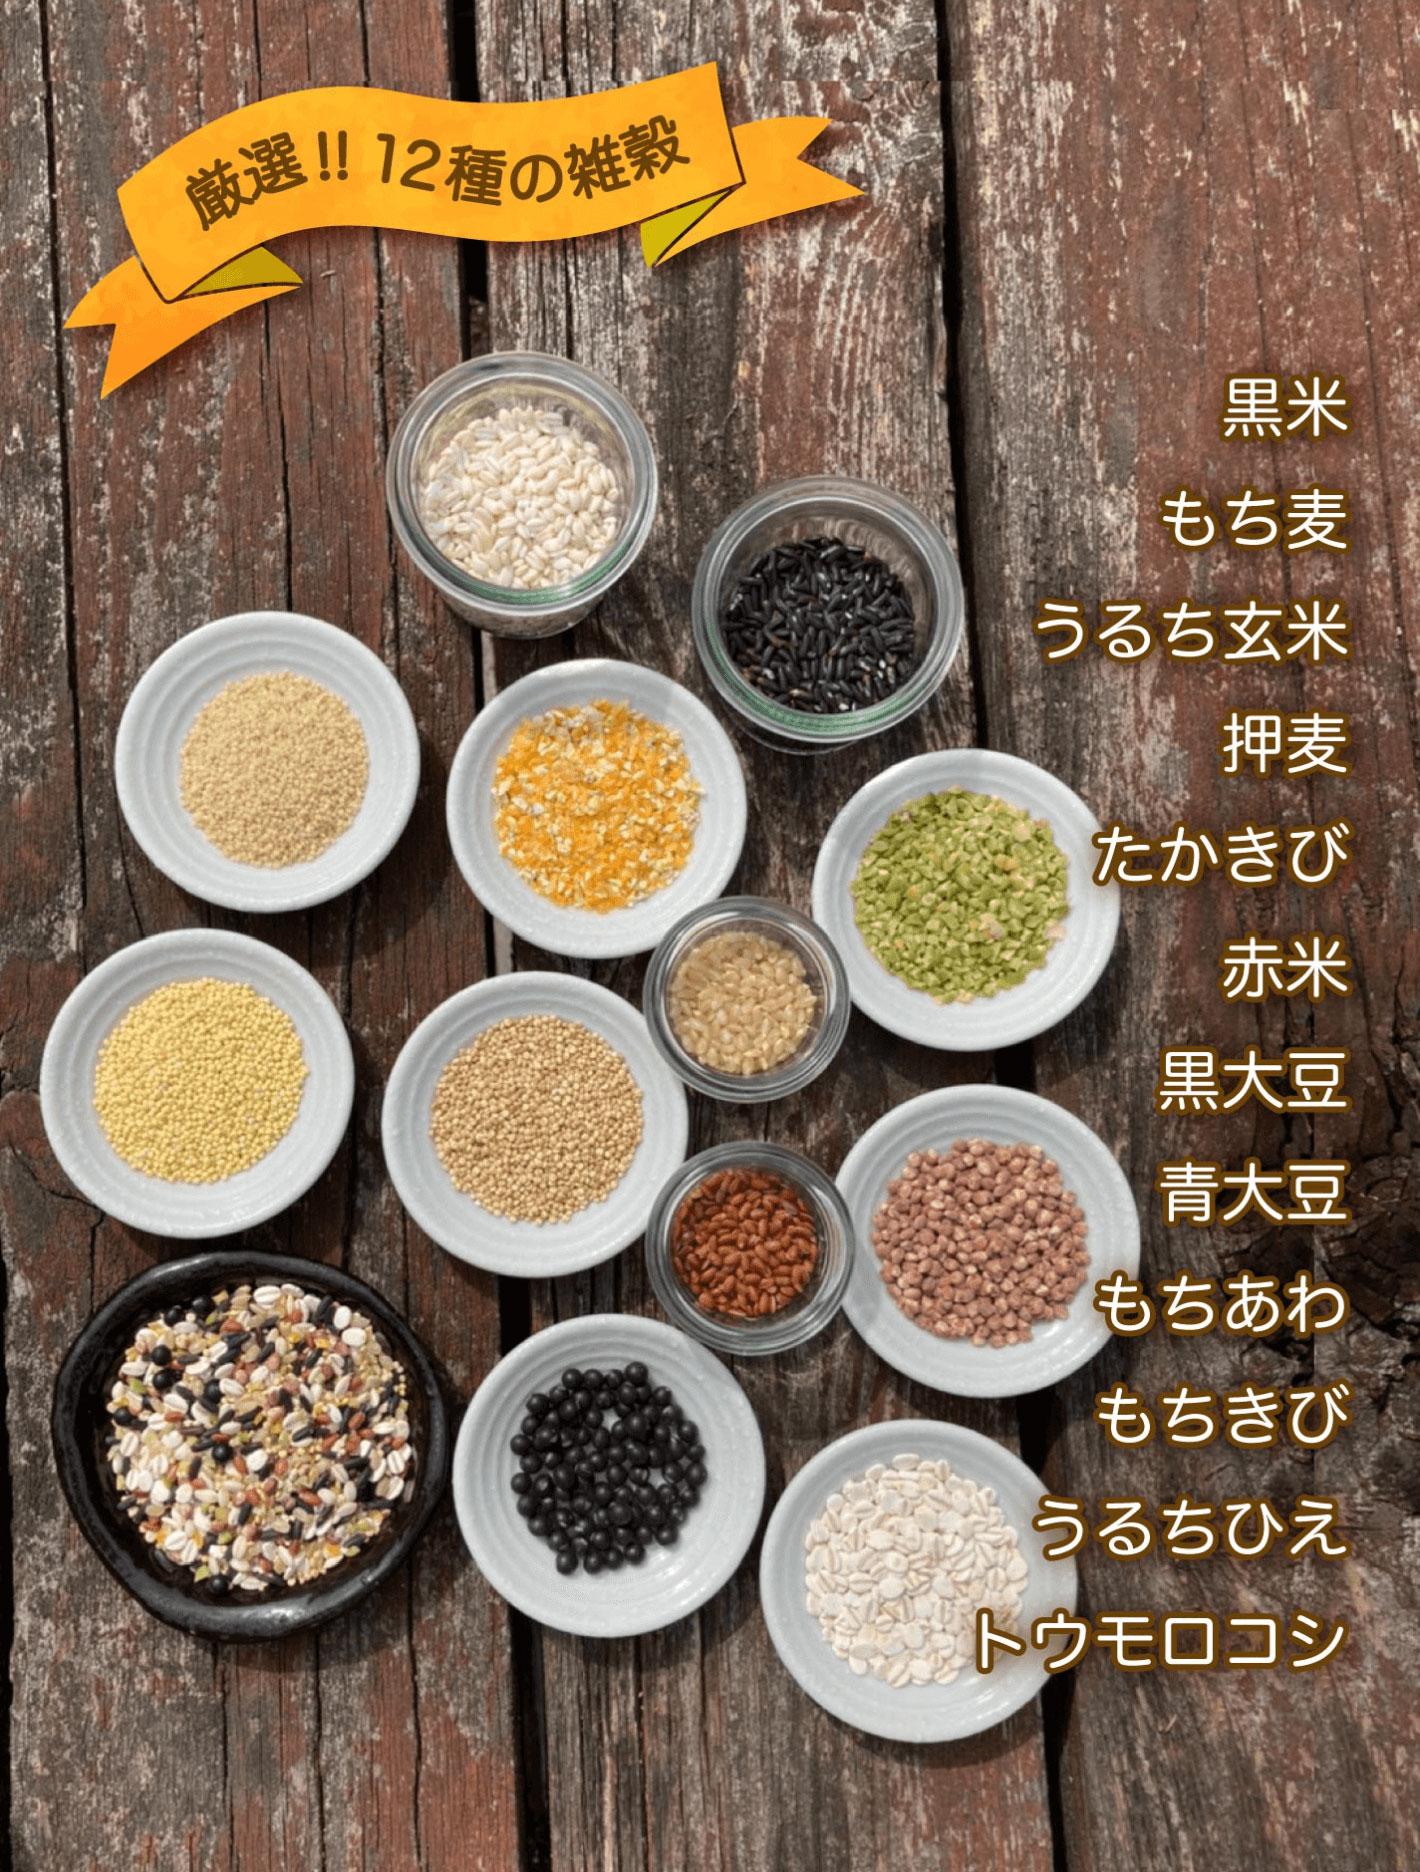 厳選!!12種の雑穀